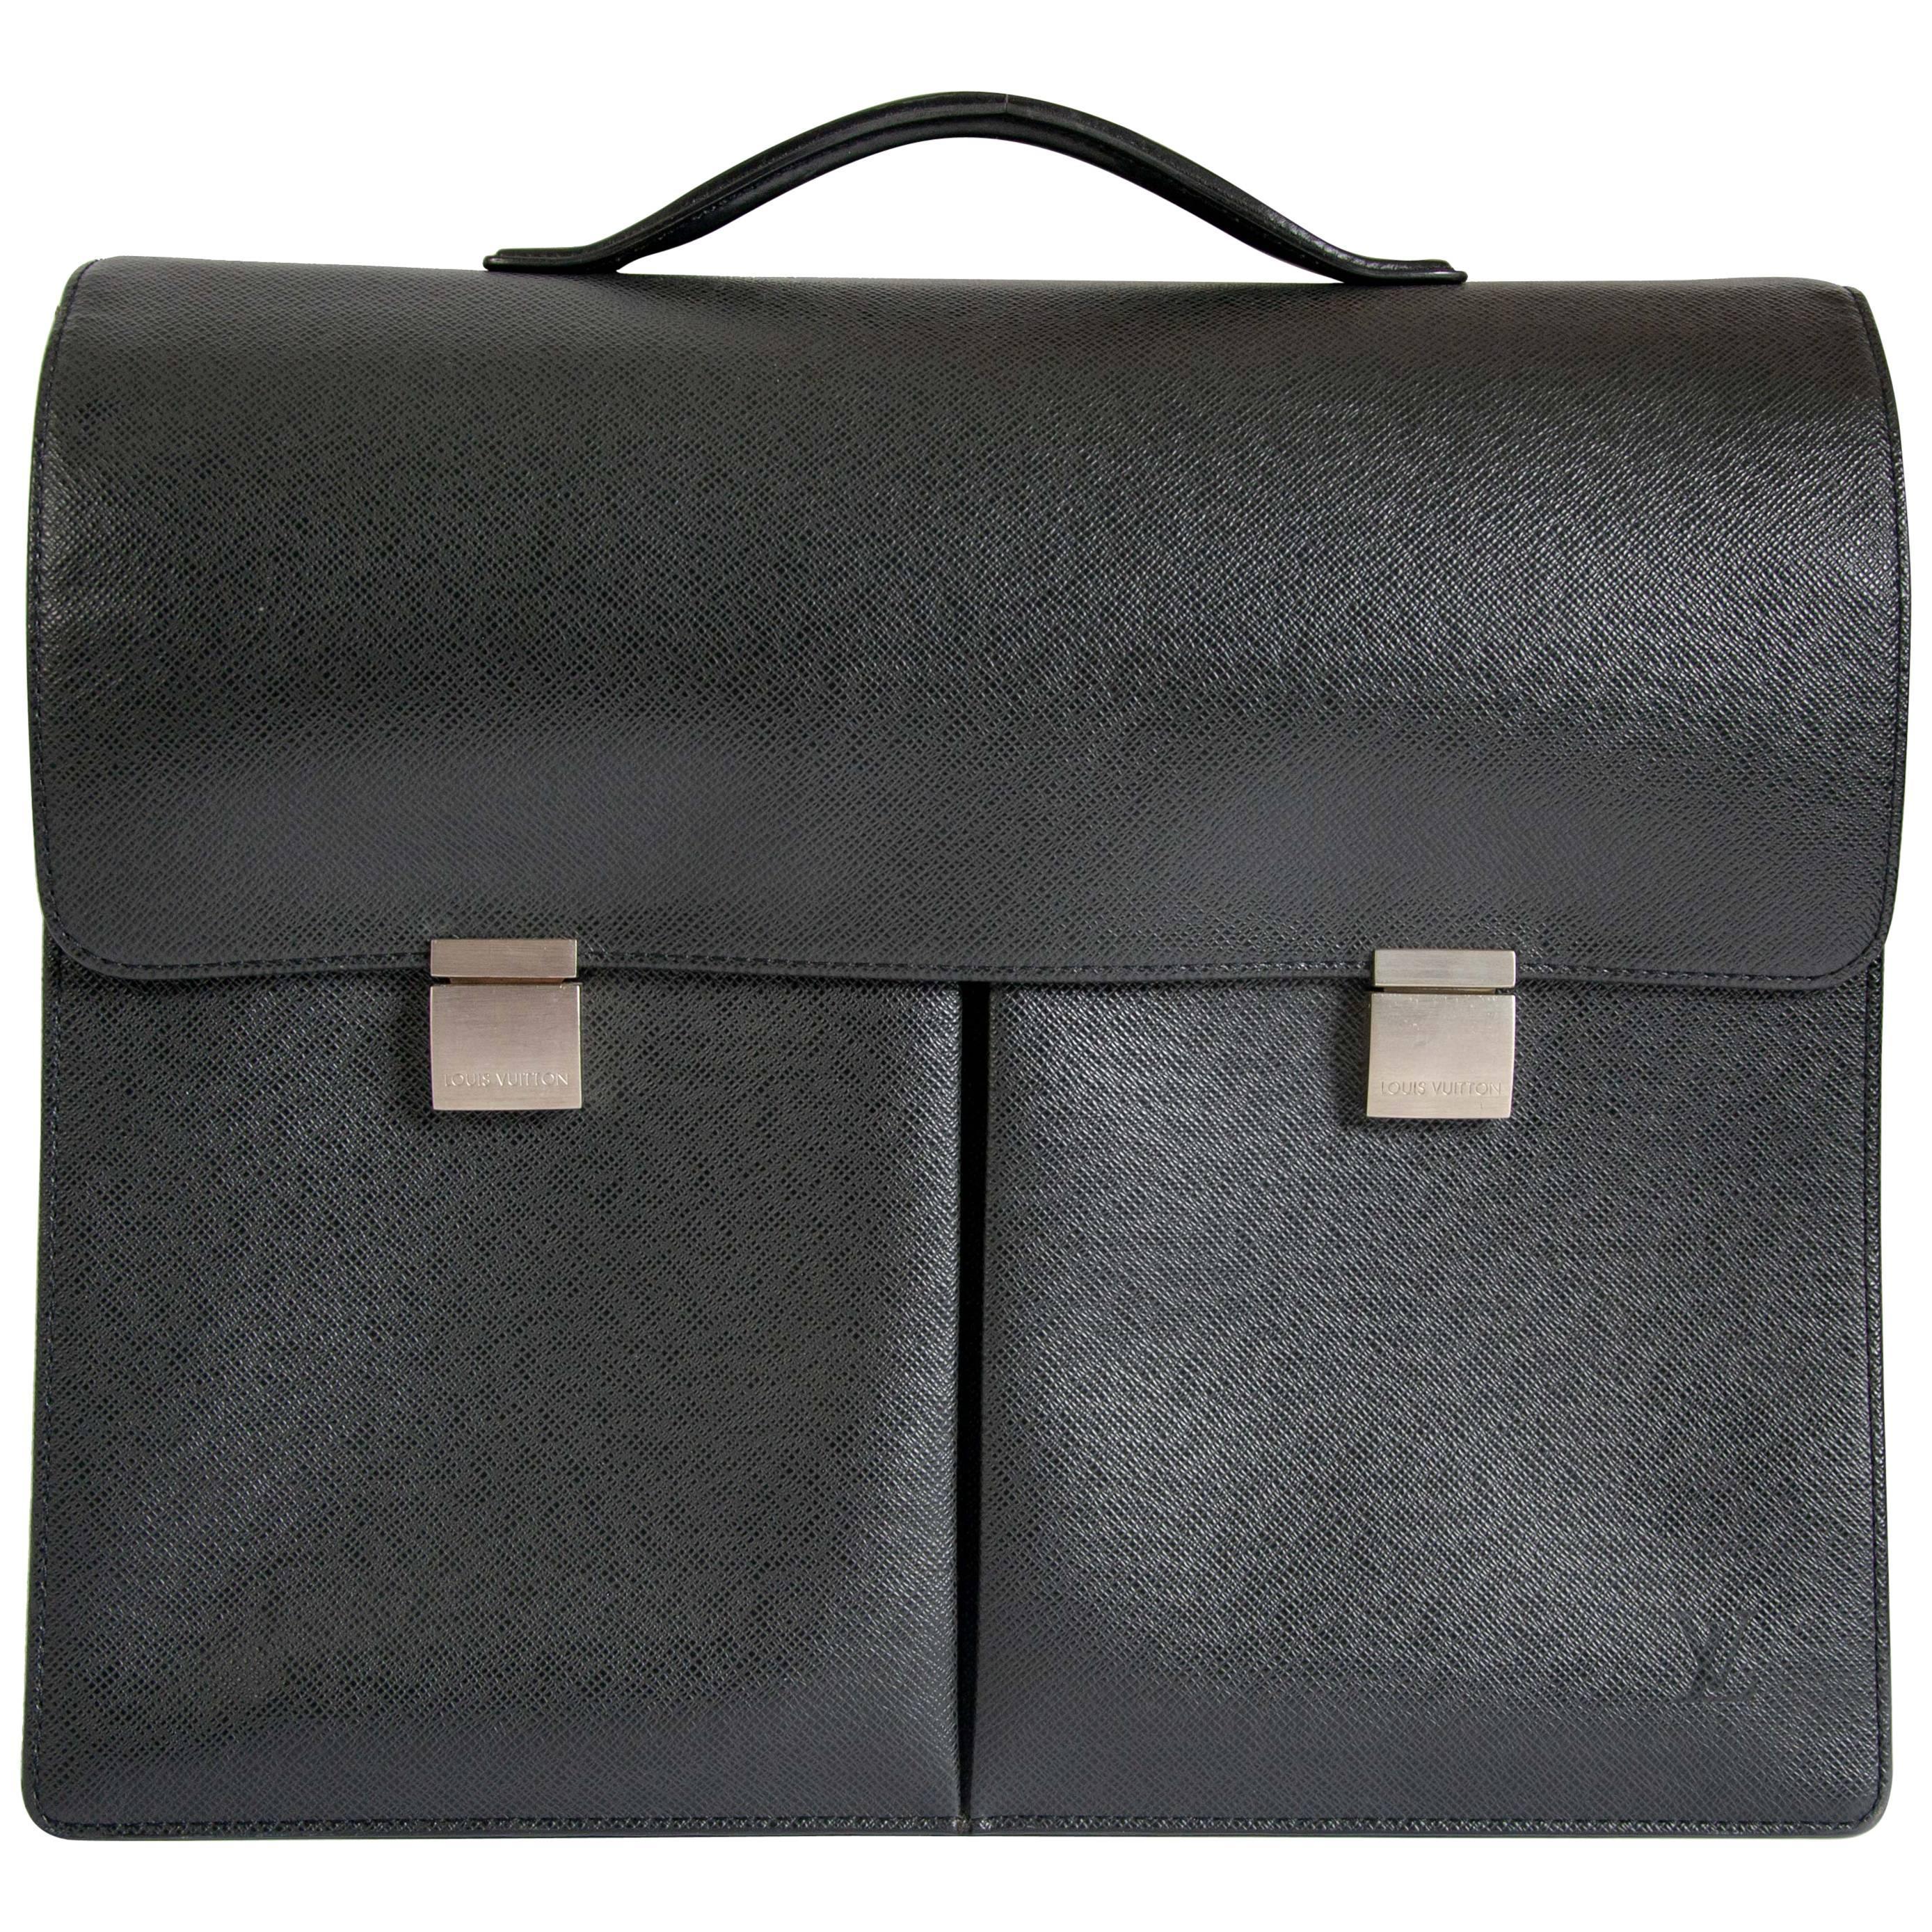 a8d181a71bb1 Louis Vuitton Taiga Khazan Briefcase For Sale at 1stdibs